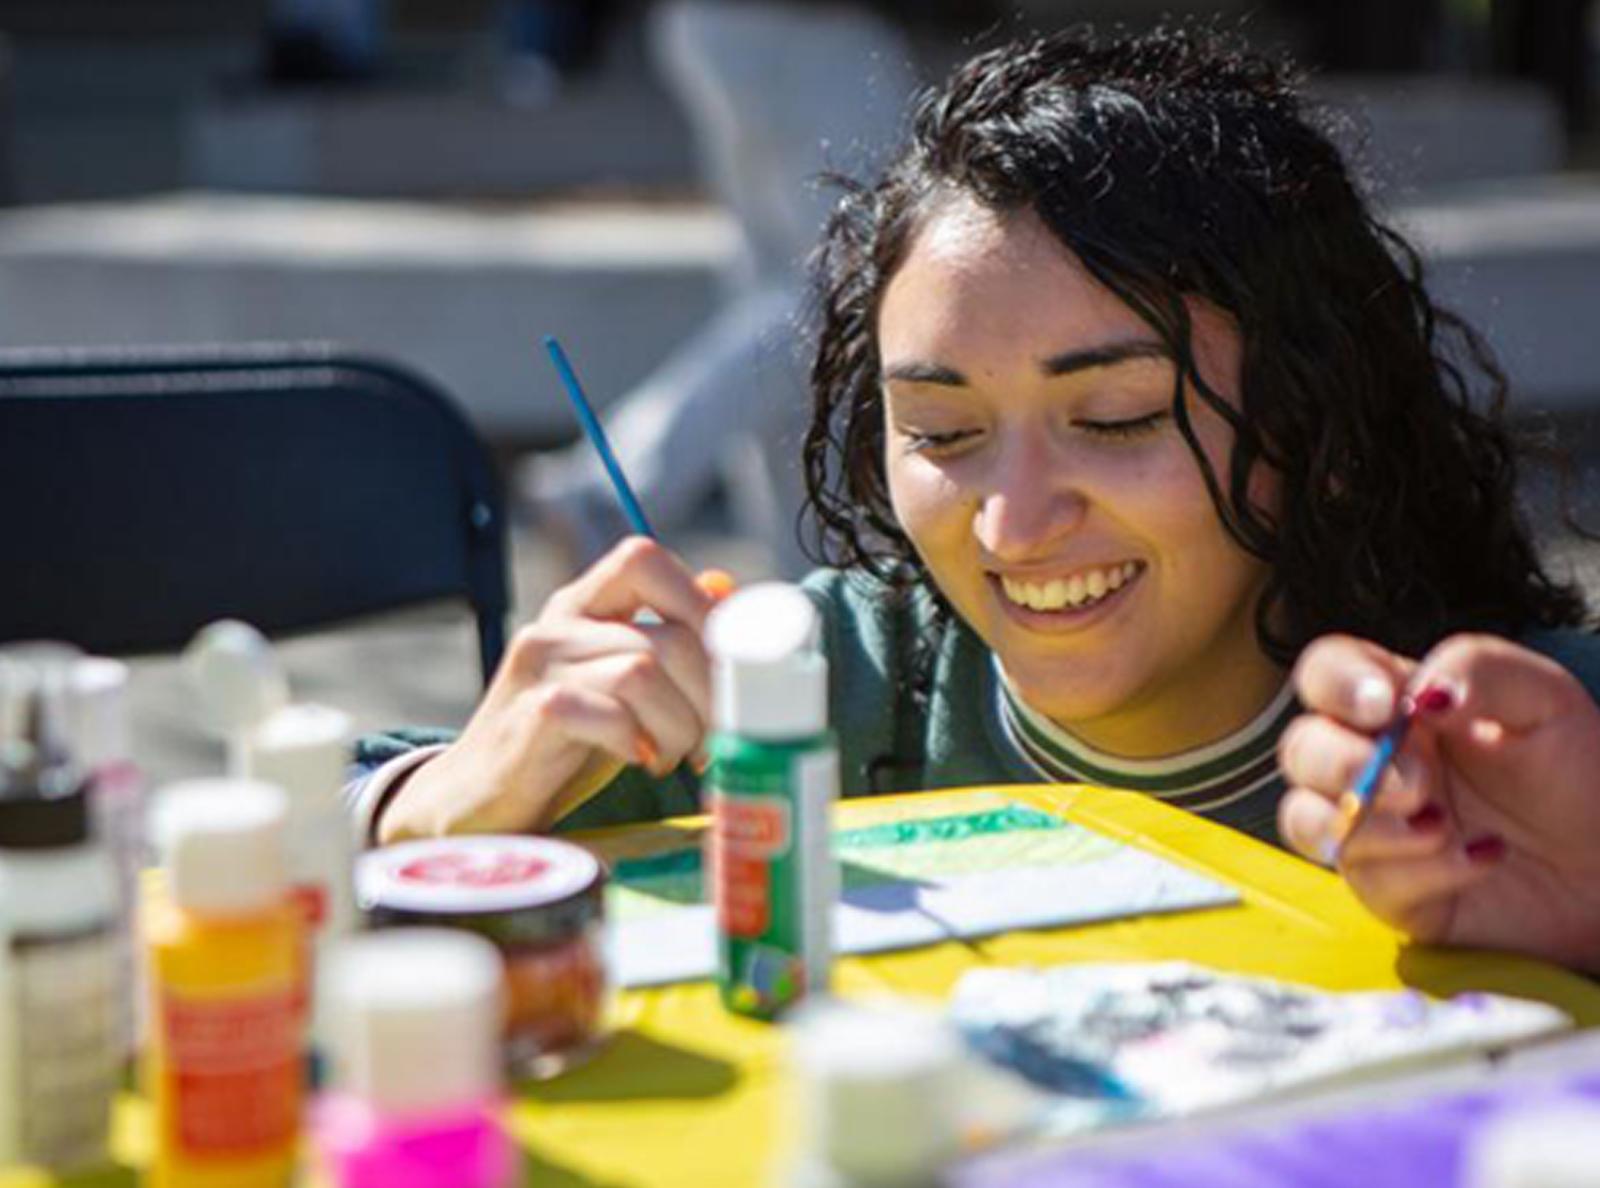 Woman paints at recess